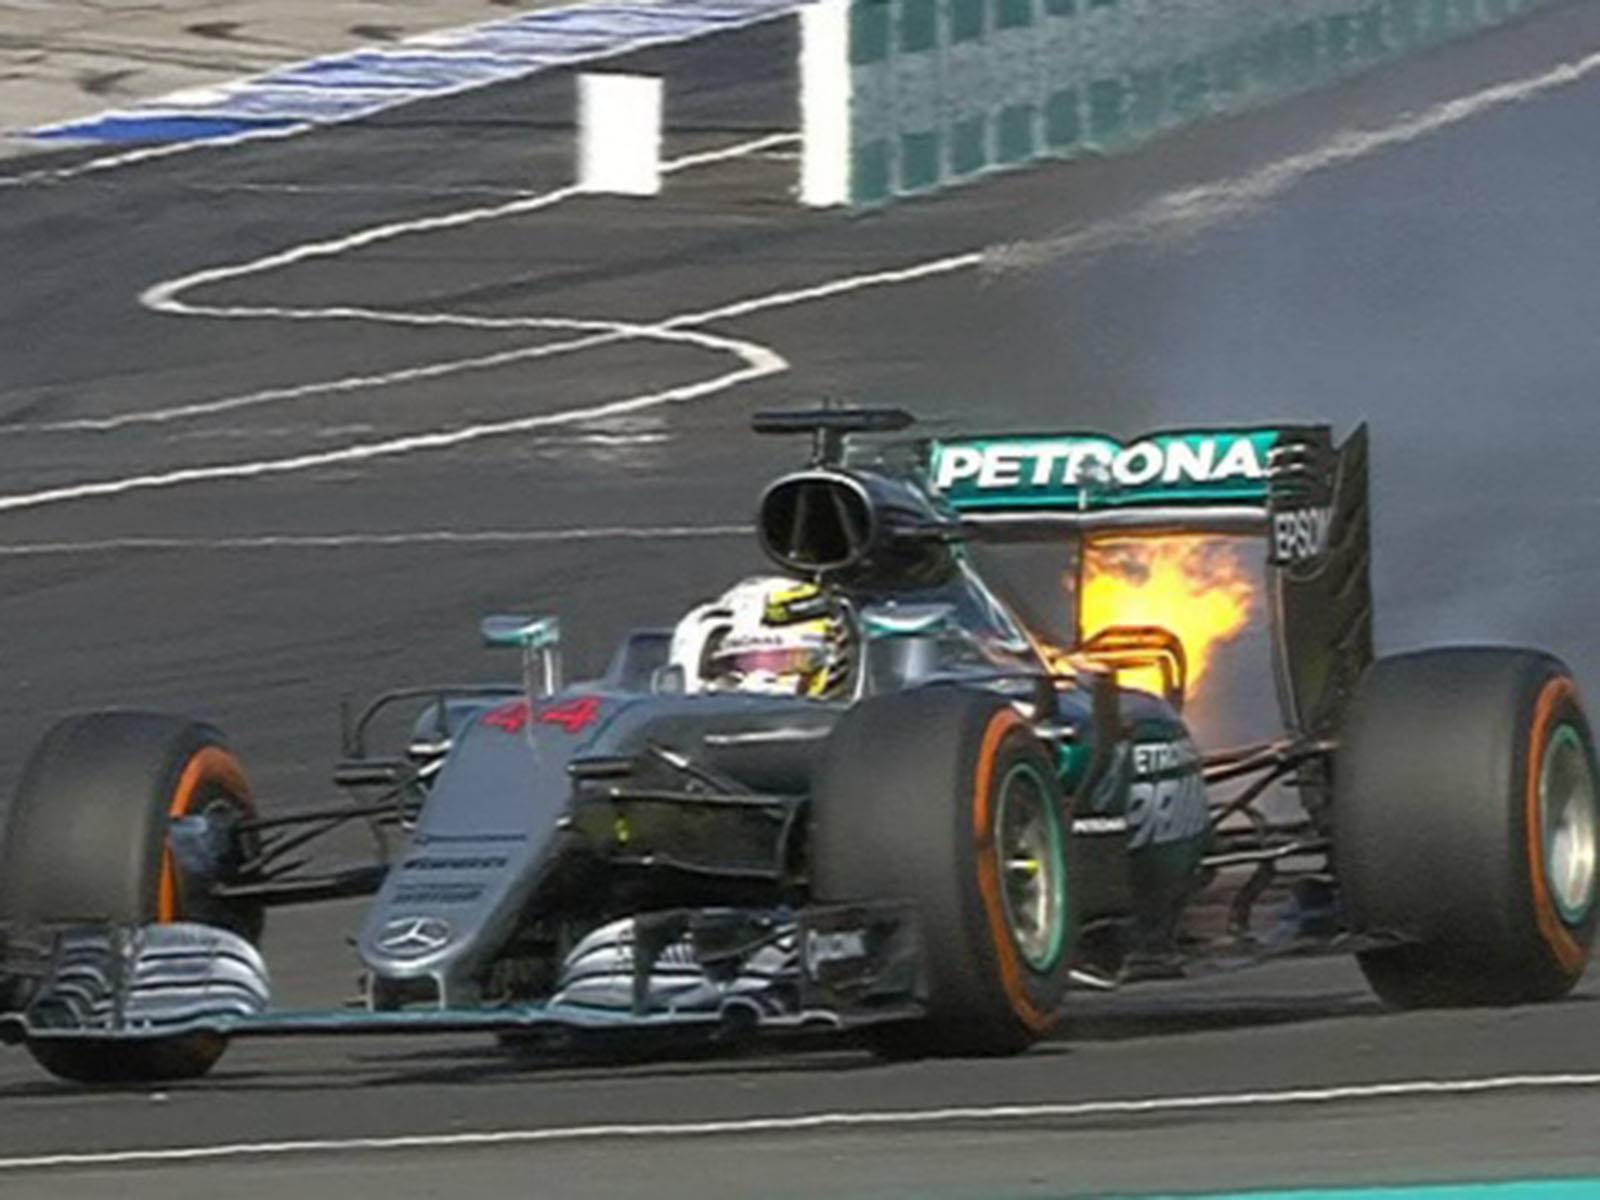 F1 GP de Malasia 2016: El turno de Ricciardo